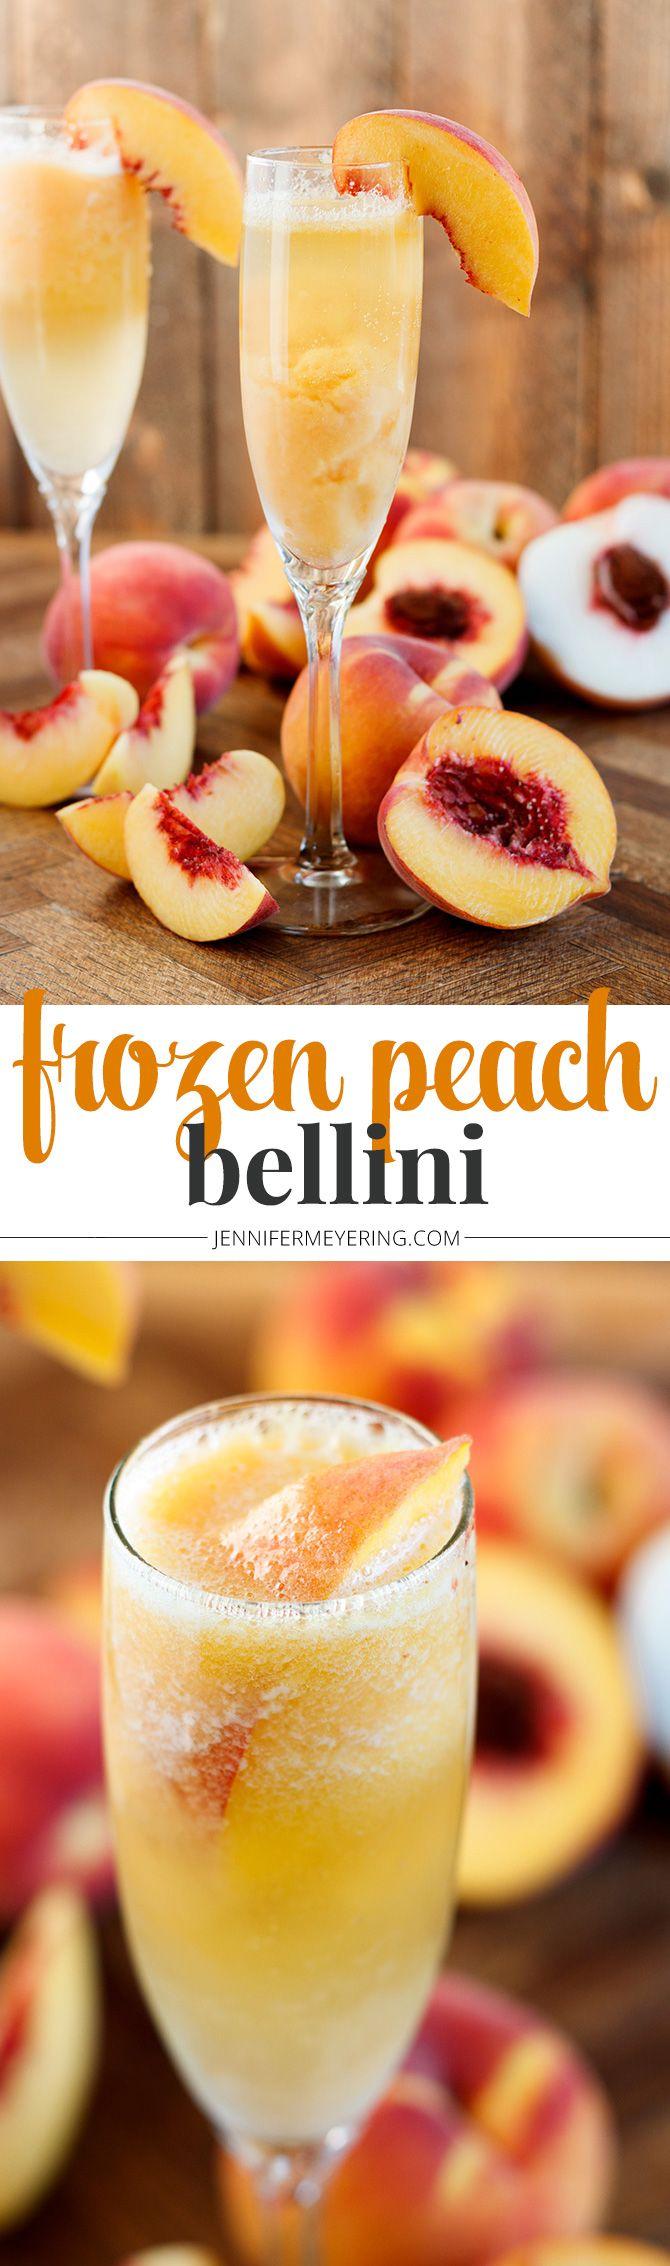 Frozen Peach Bellini - JenniferMeyering.com